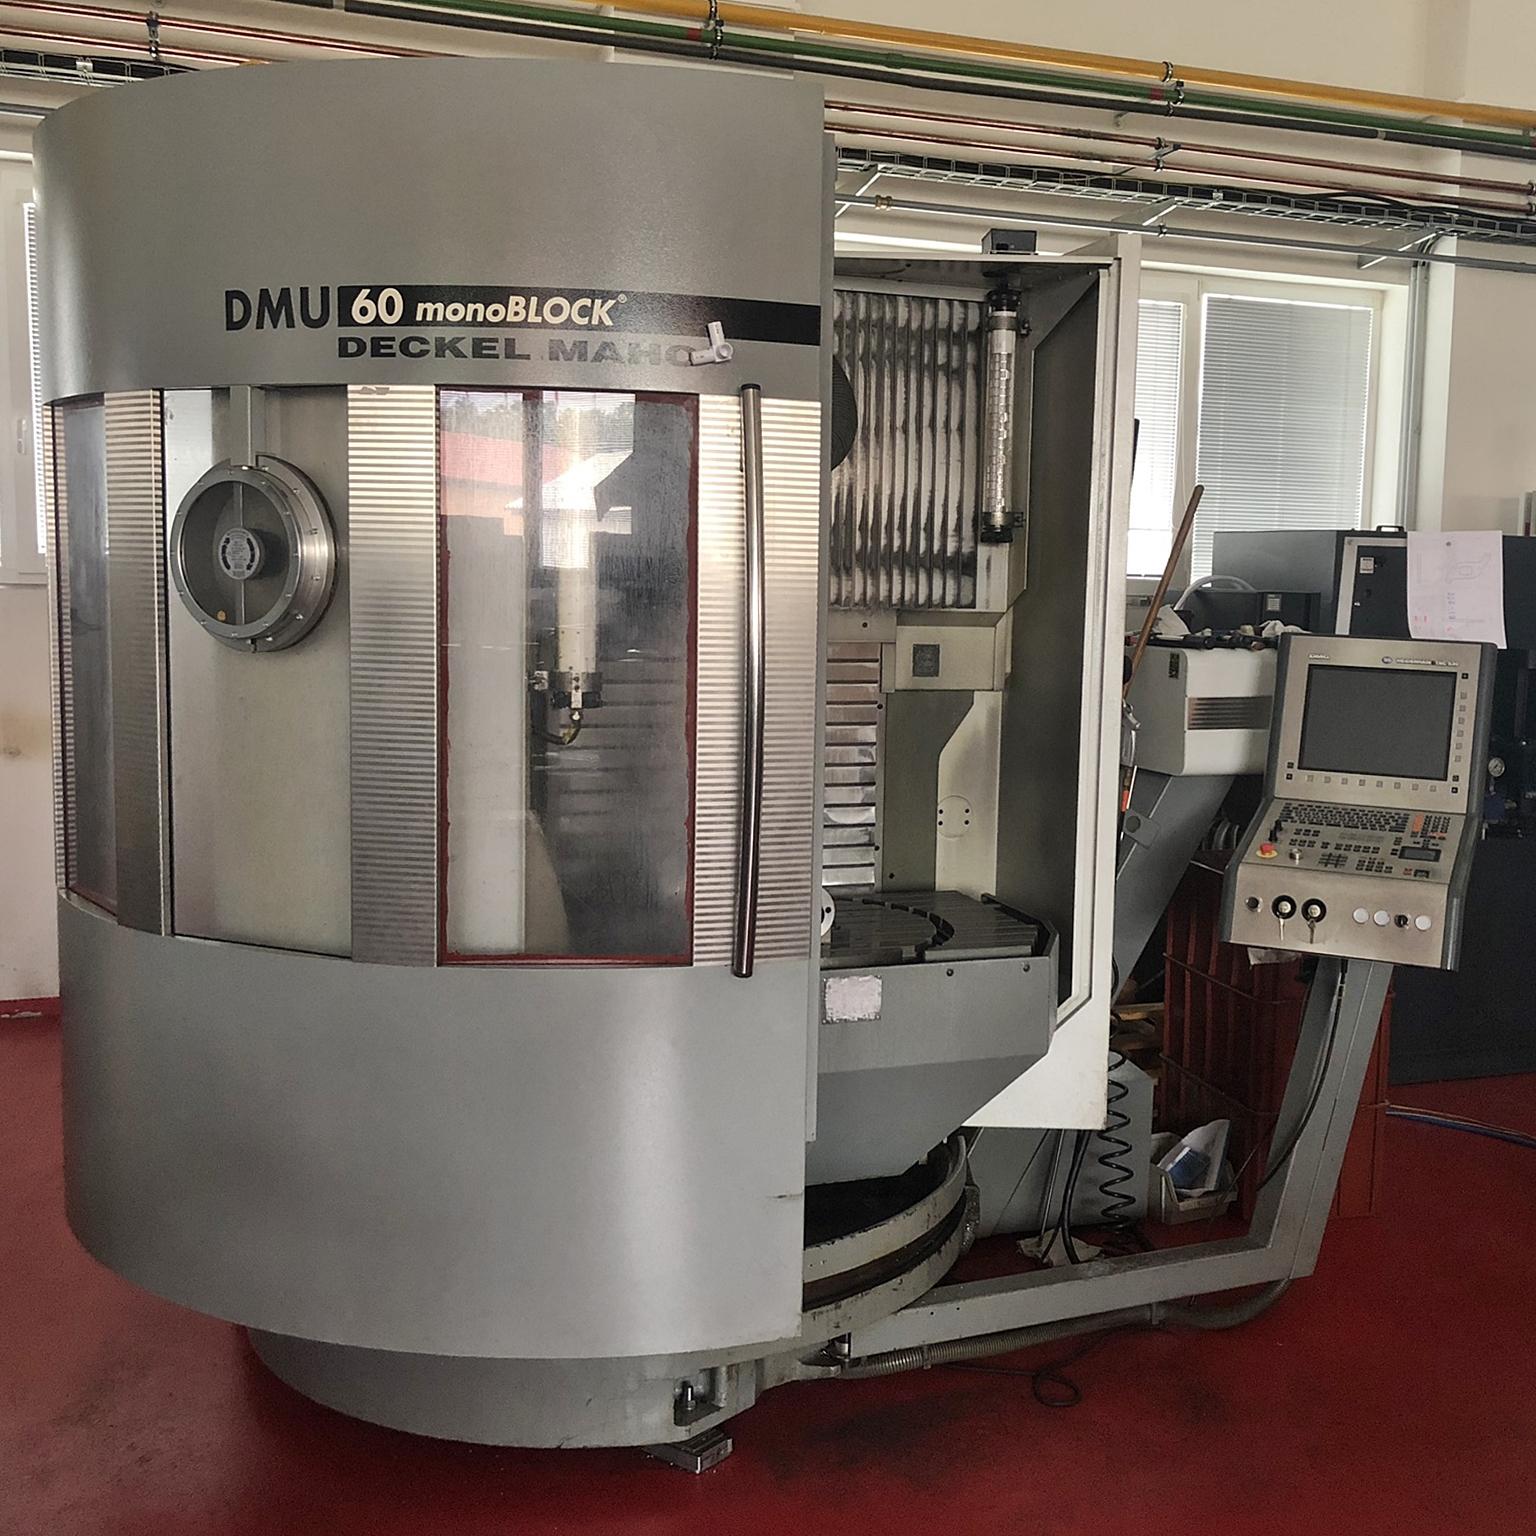 Deckel Maho DMU60 - 5-osé frézovací centrumpracovní rozsah: x=730mm; y=560mm; z=560mmotáčky vřetena 12 000 ot./min.řídící systém Heidenhain iTNC530